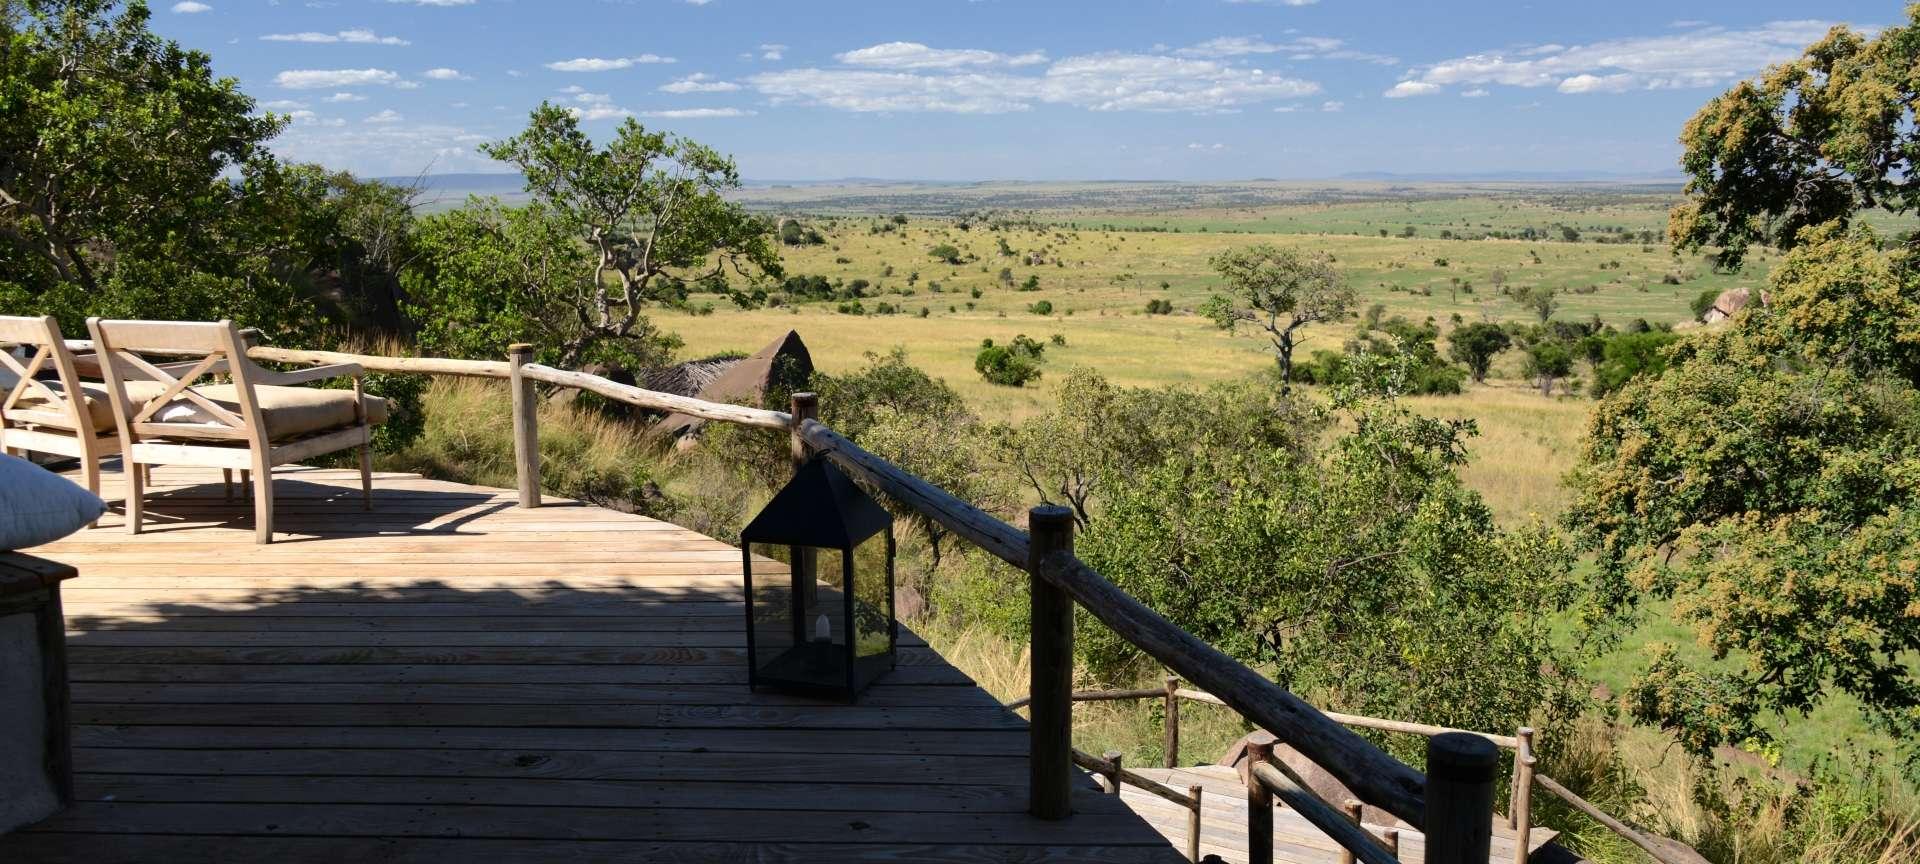 Nomad Tanzania - Lamai Serengeti